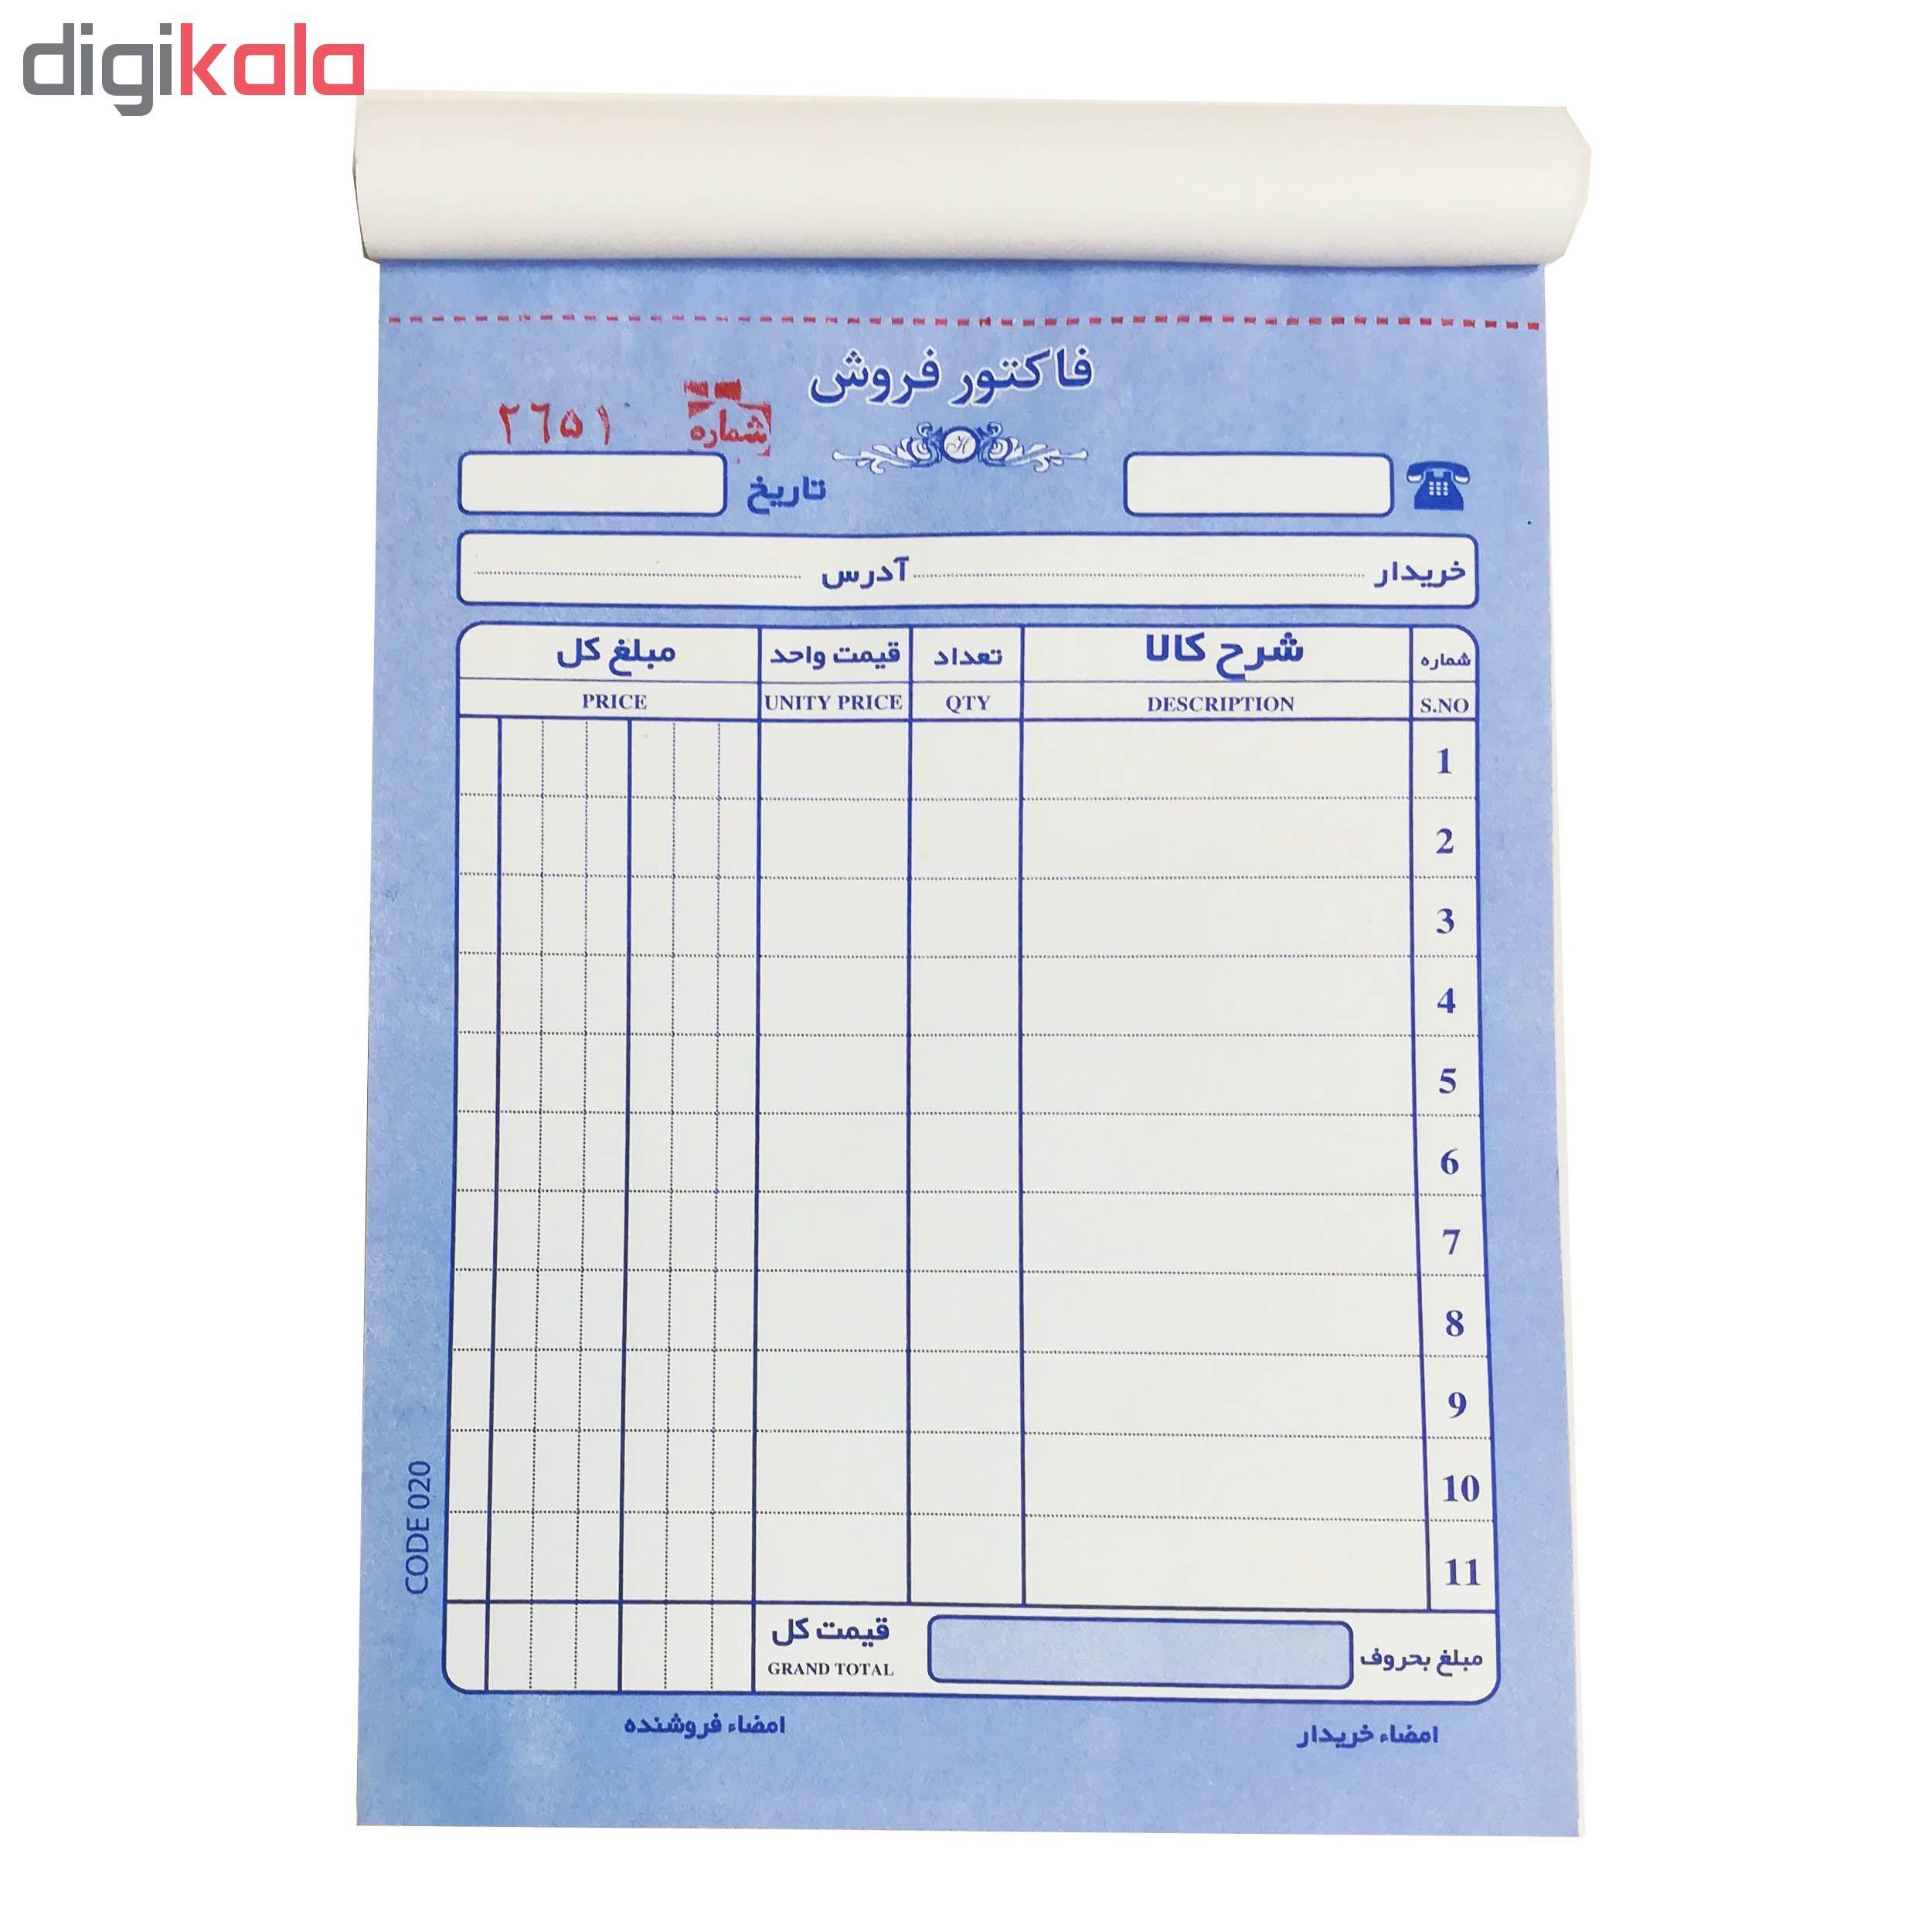 فاکتور فروش مدل 3205  کد 020  بسته 5 عددی